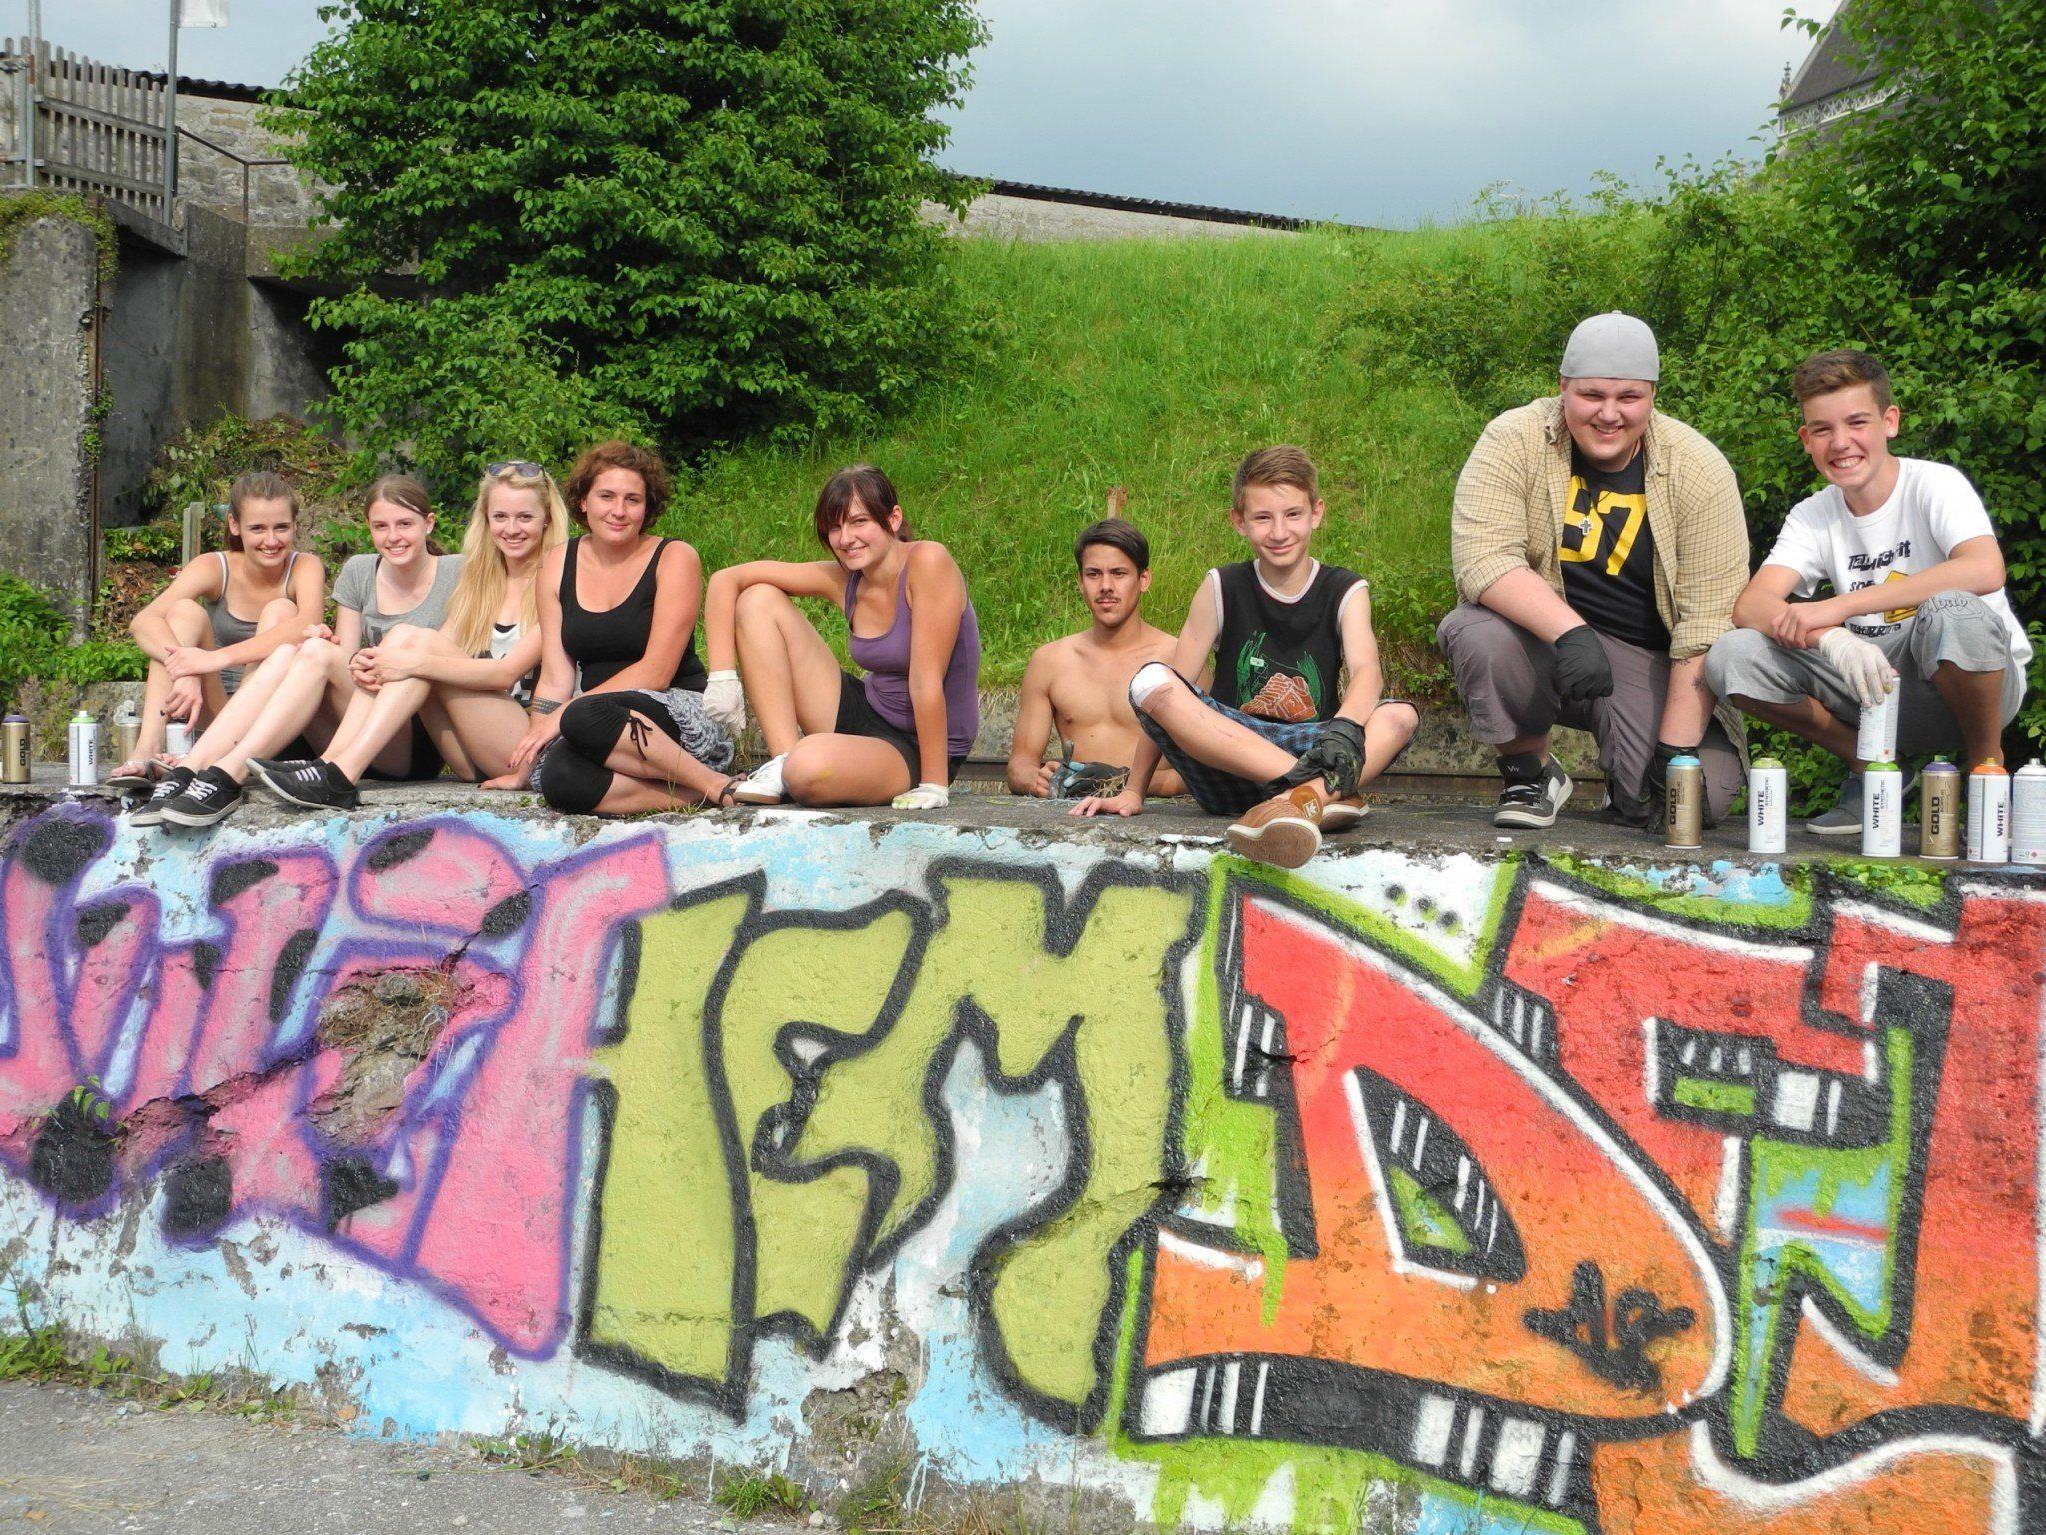 Die Graffiti sind vor dem Rathaus, entlang des Kirchweges, der Schmittengasse und der Bahnhofstraße zu sehen.